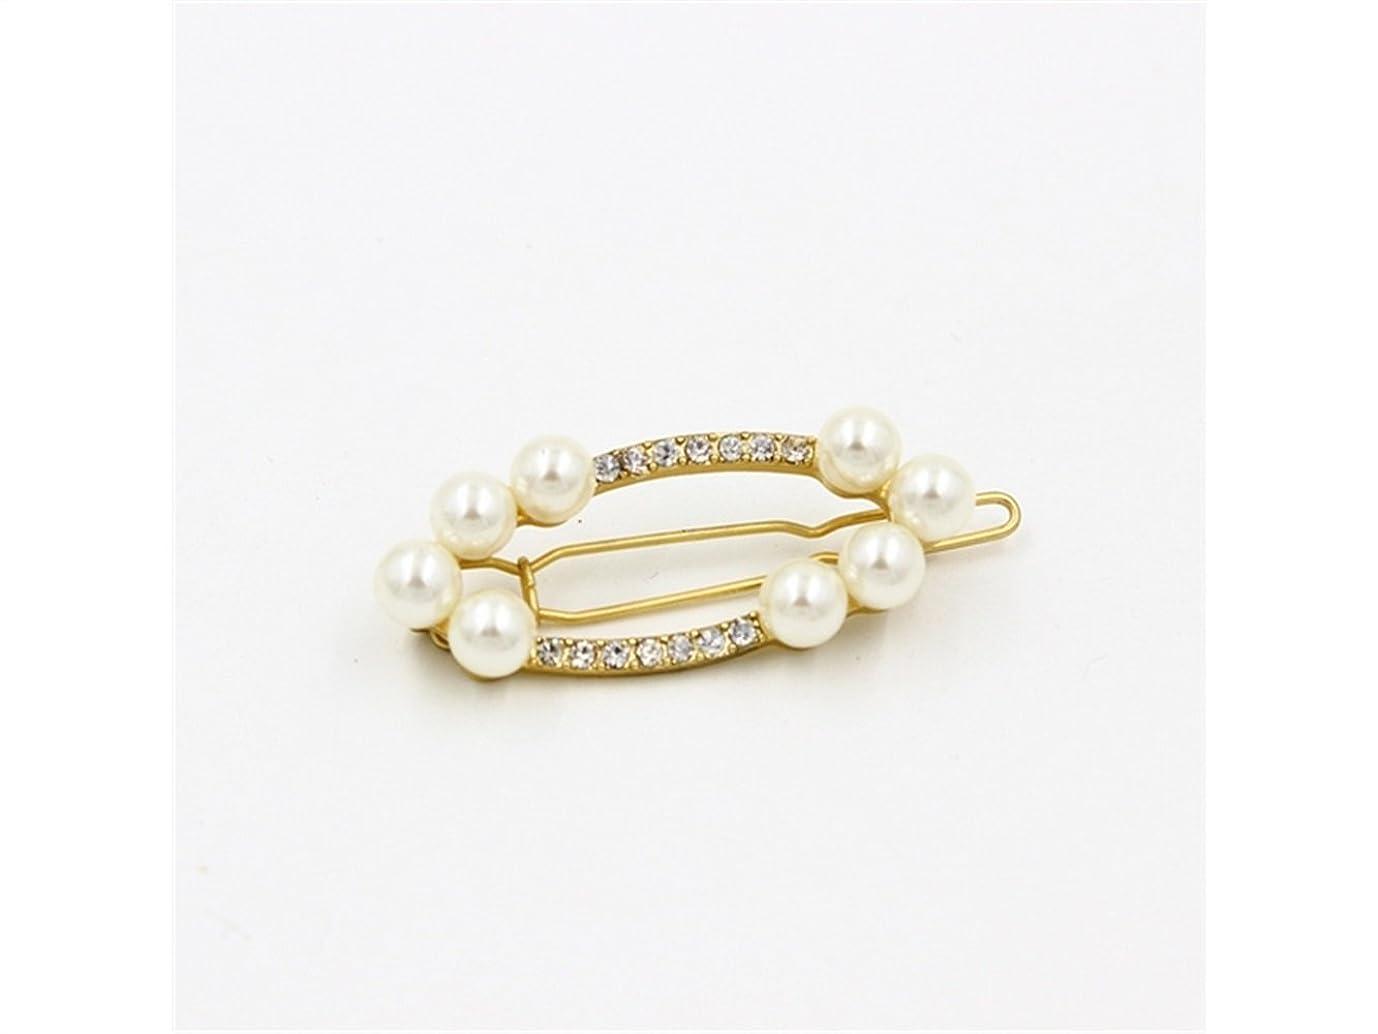 応答考古学的なめるOsize 美しいスタイル 真珠の宝石魅惑的なゴールドヘアクリップサイドクリップヘアピンヘアアクセサリー(示されているように)